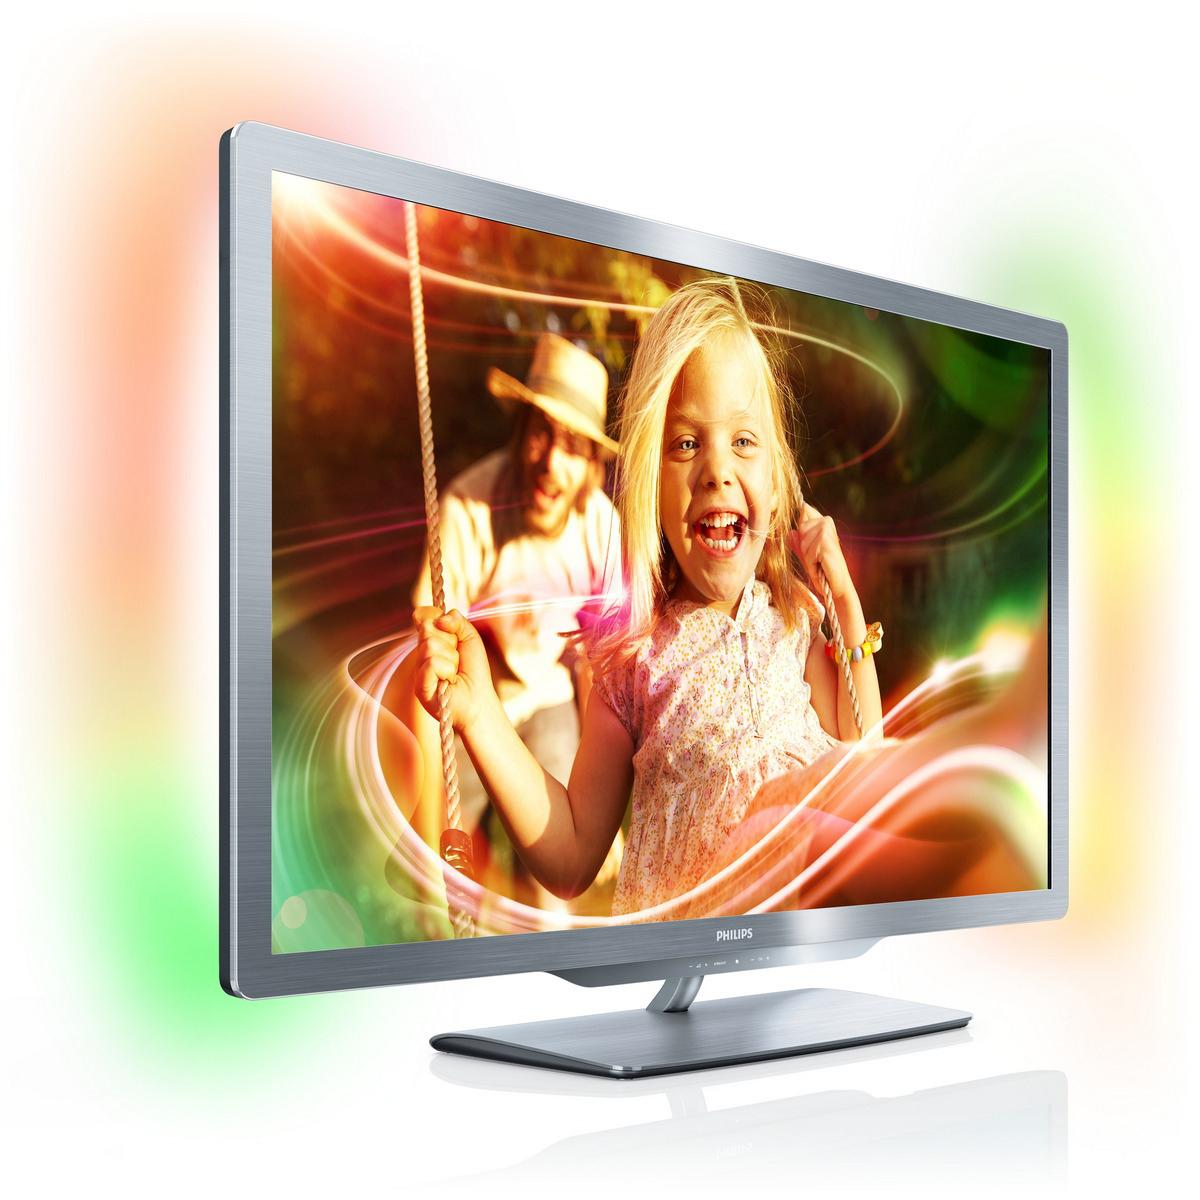 Philipsova 7000 serija Smart LED televizora